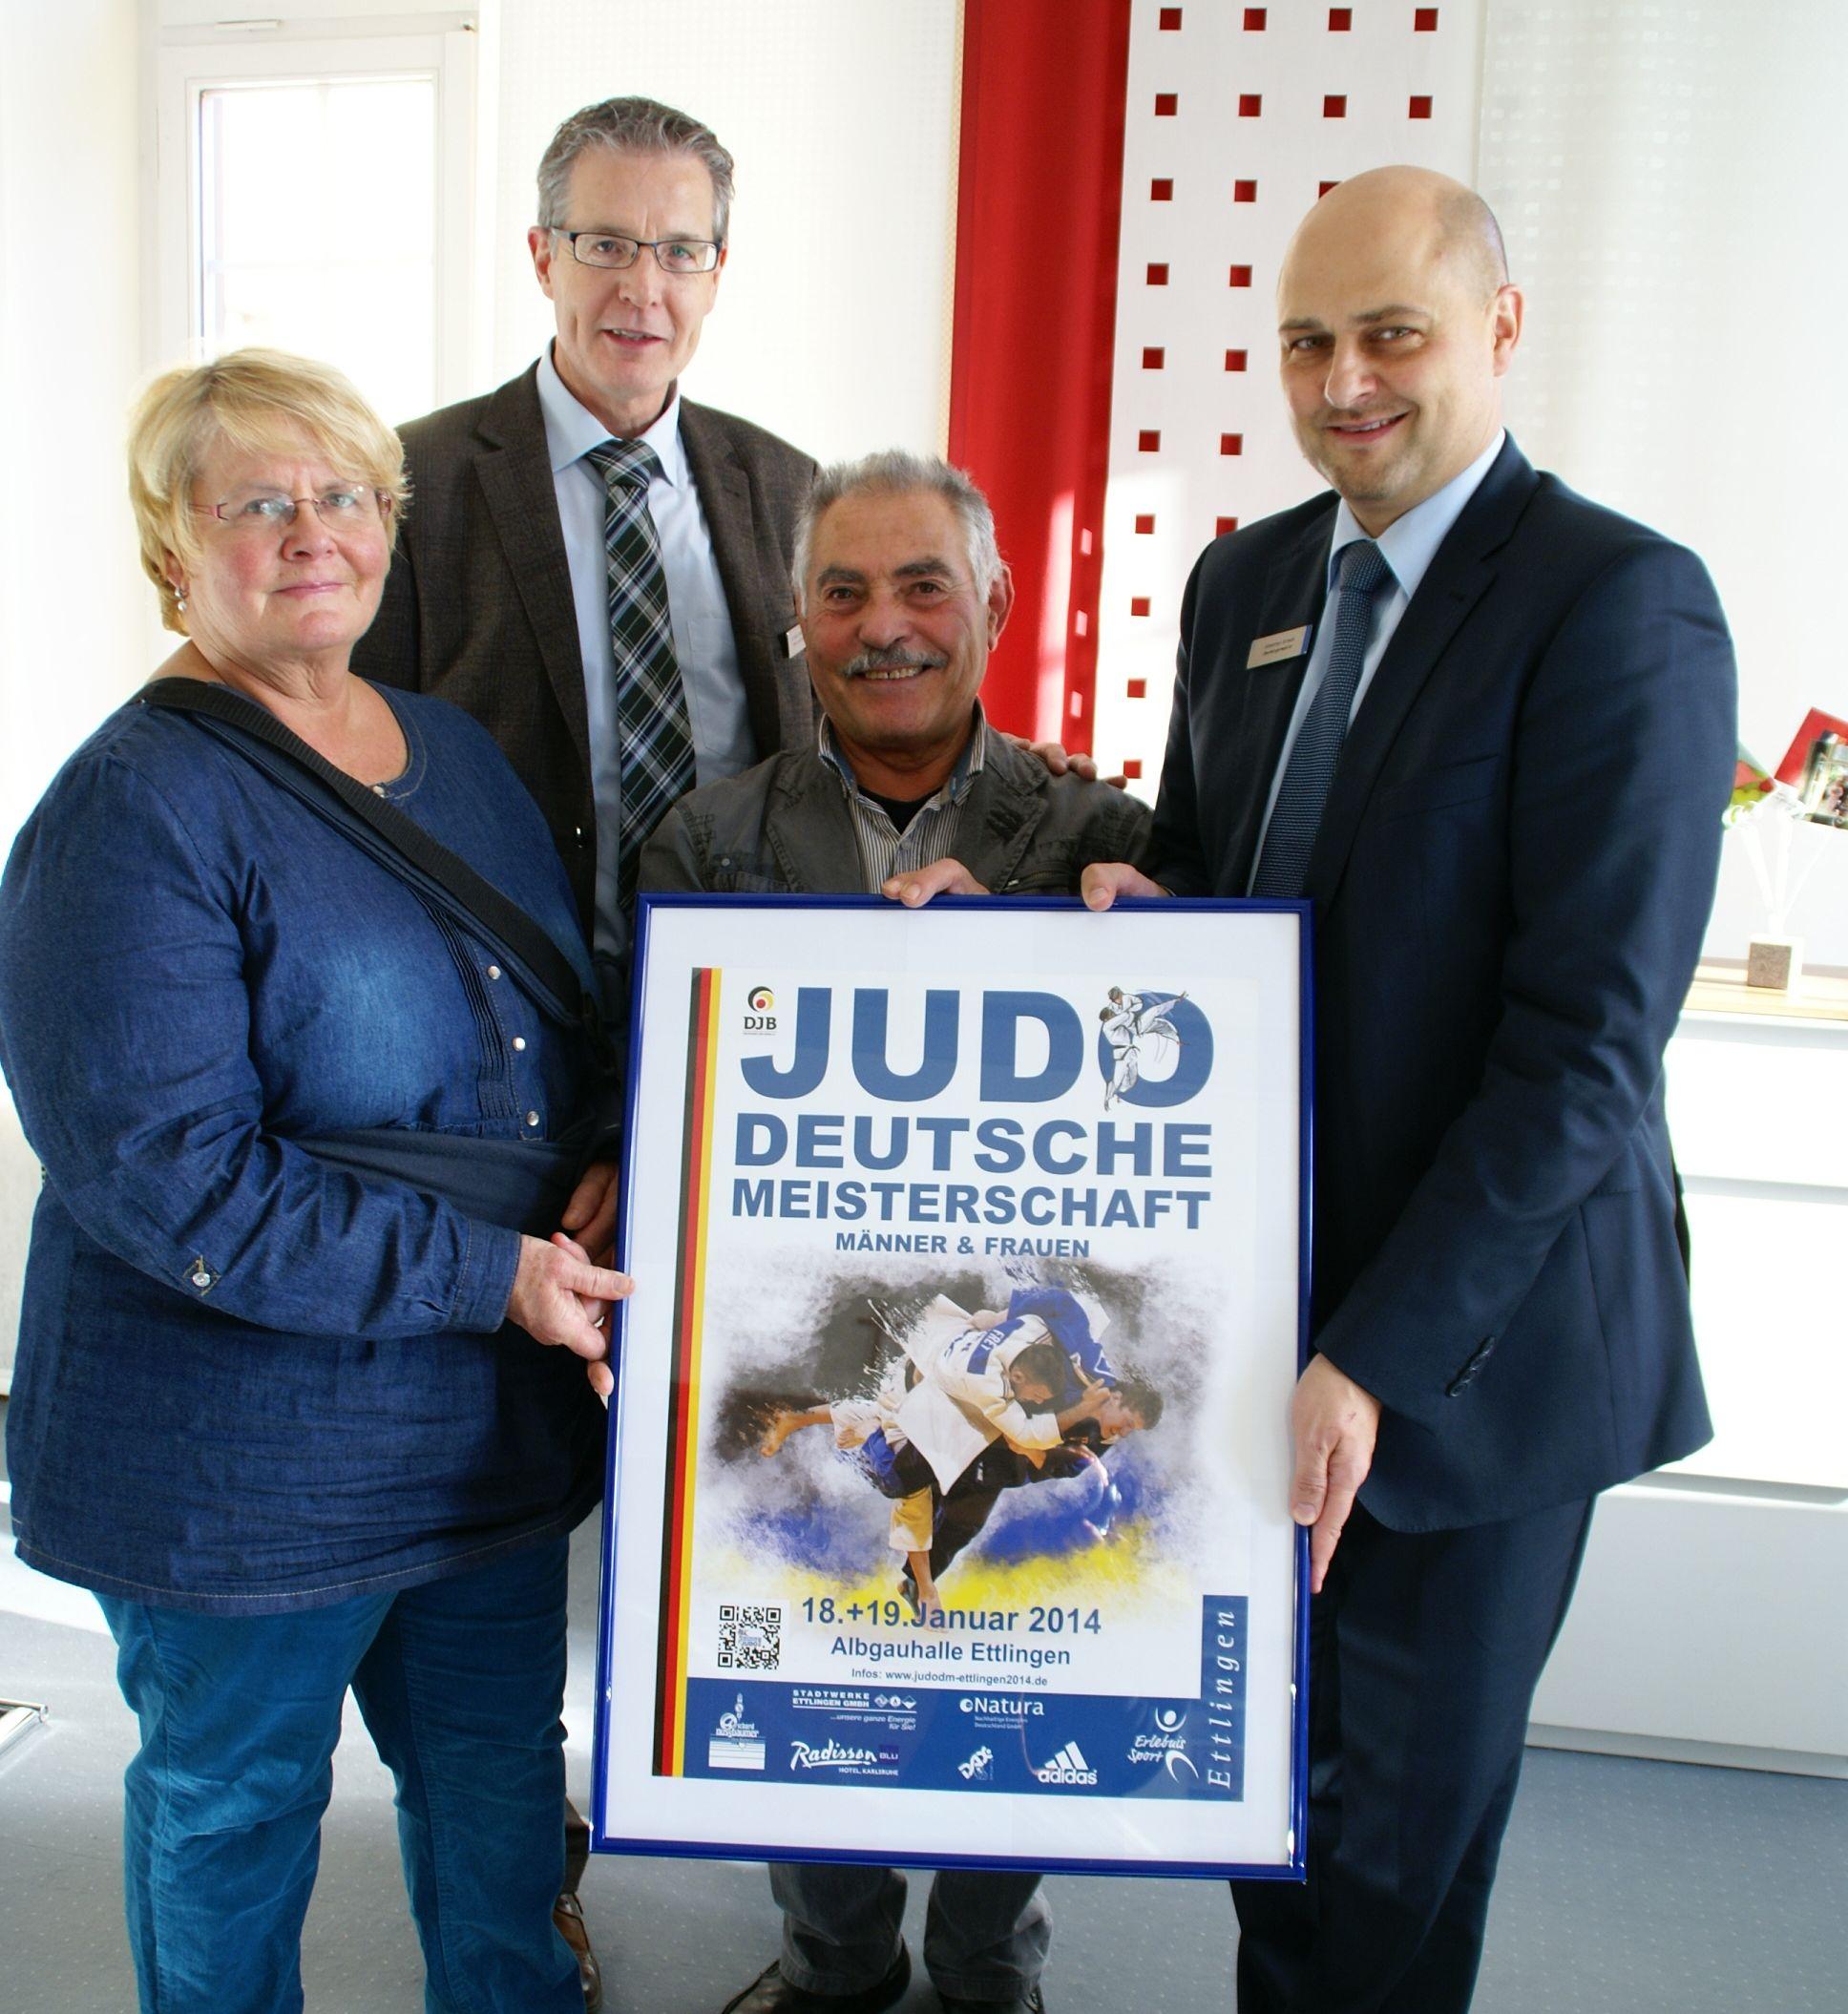 Deutsche Meisterschaft F + M  in Ettlingen: Plakatübergabe